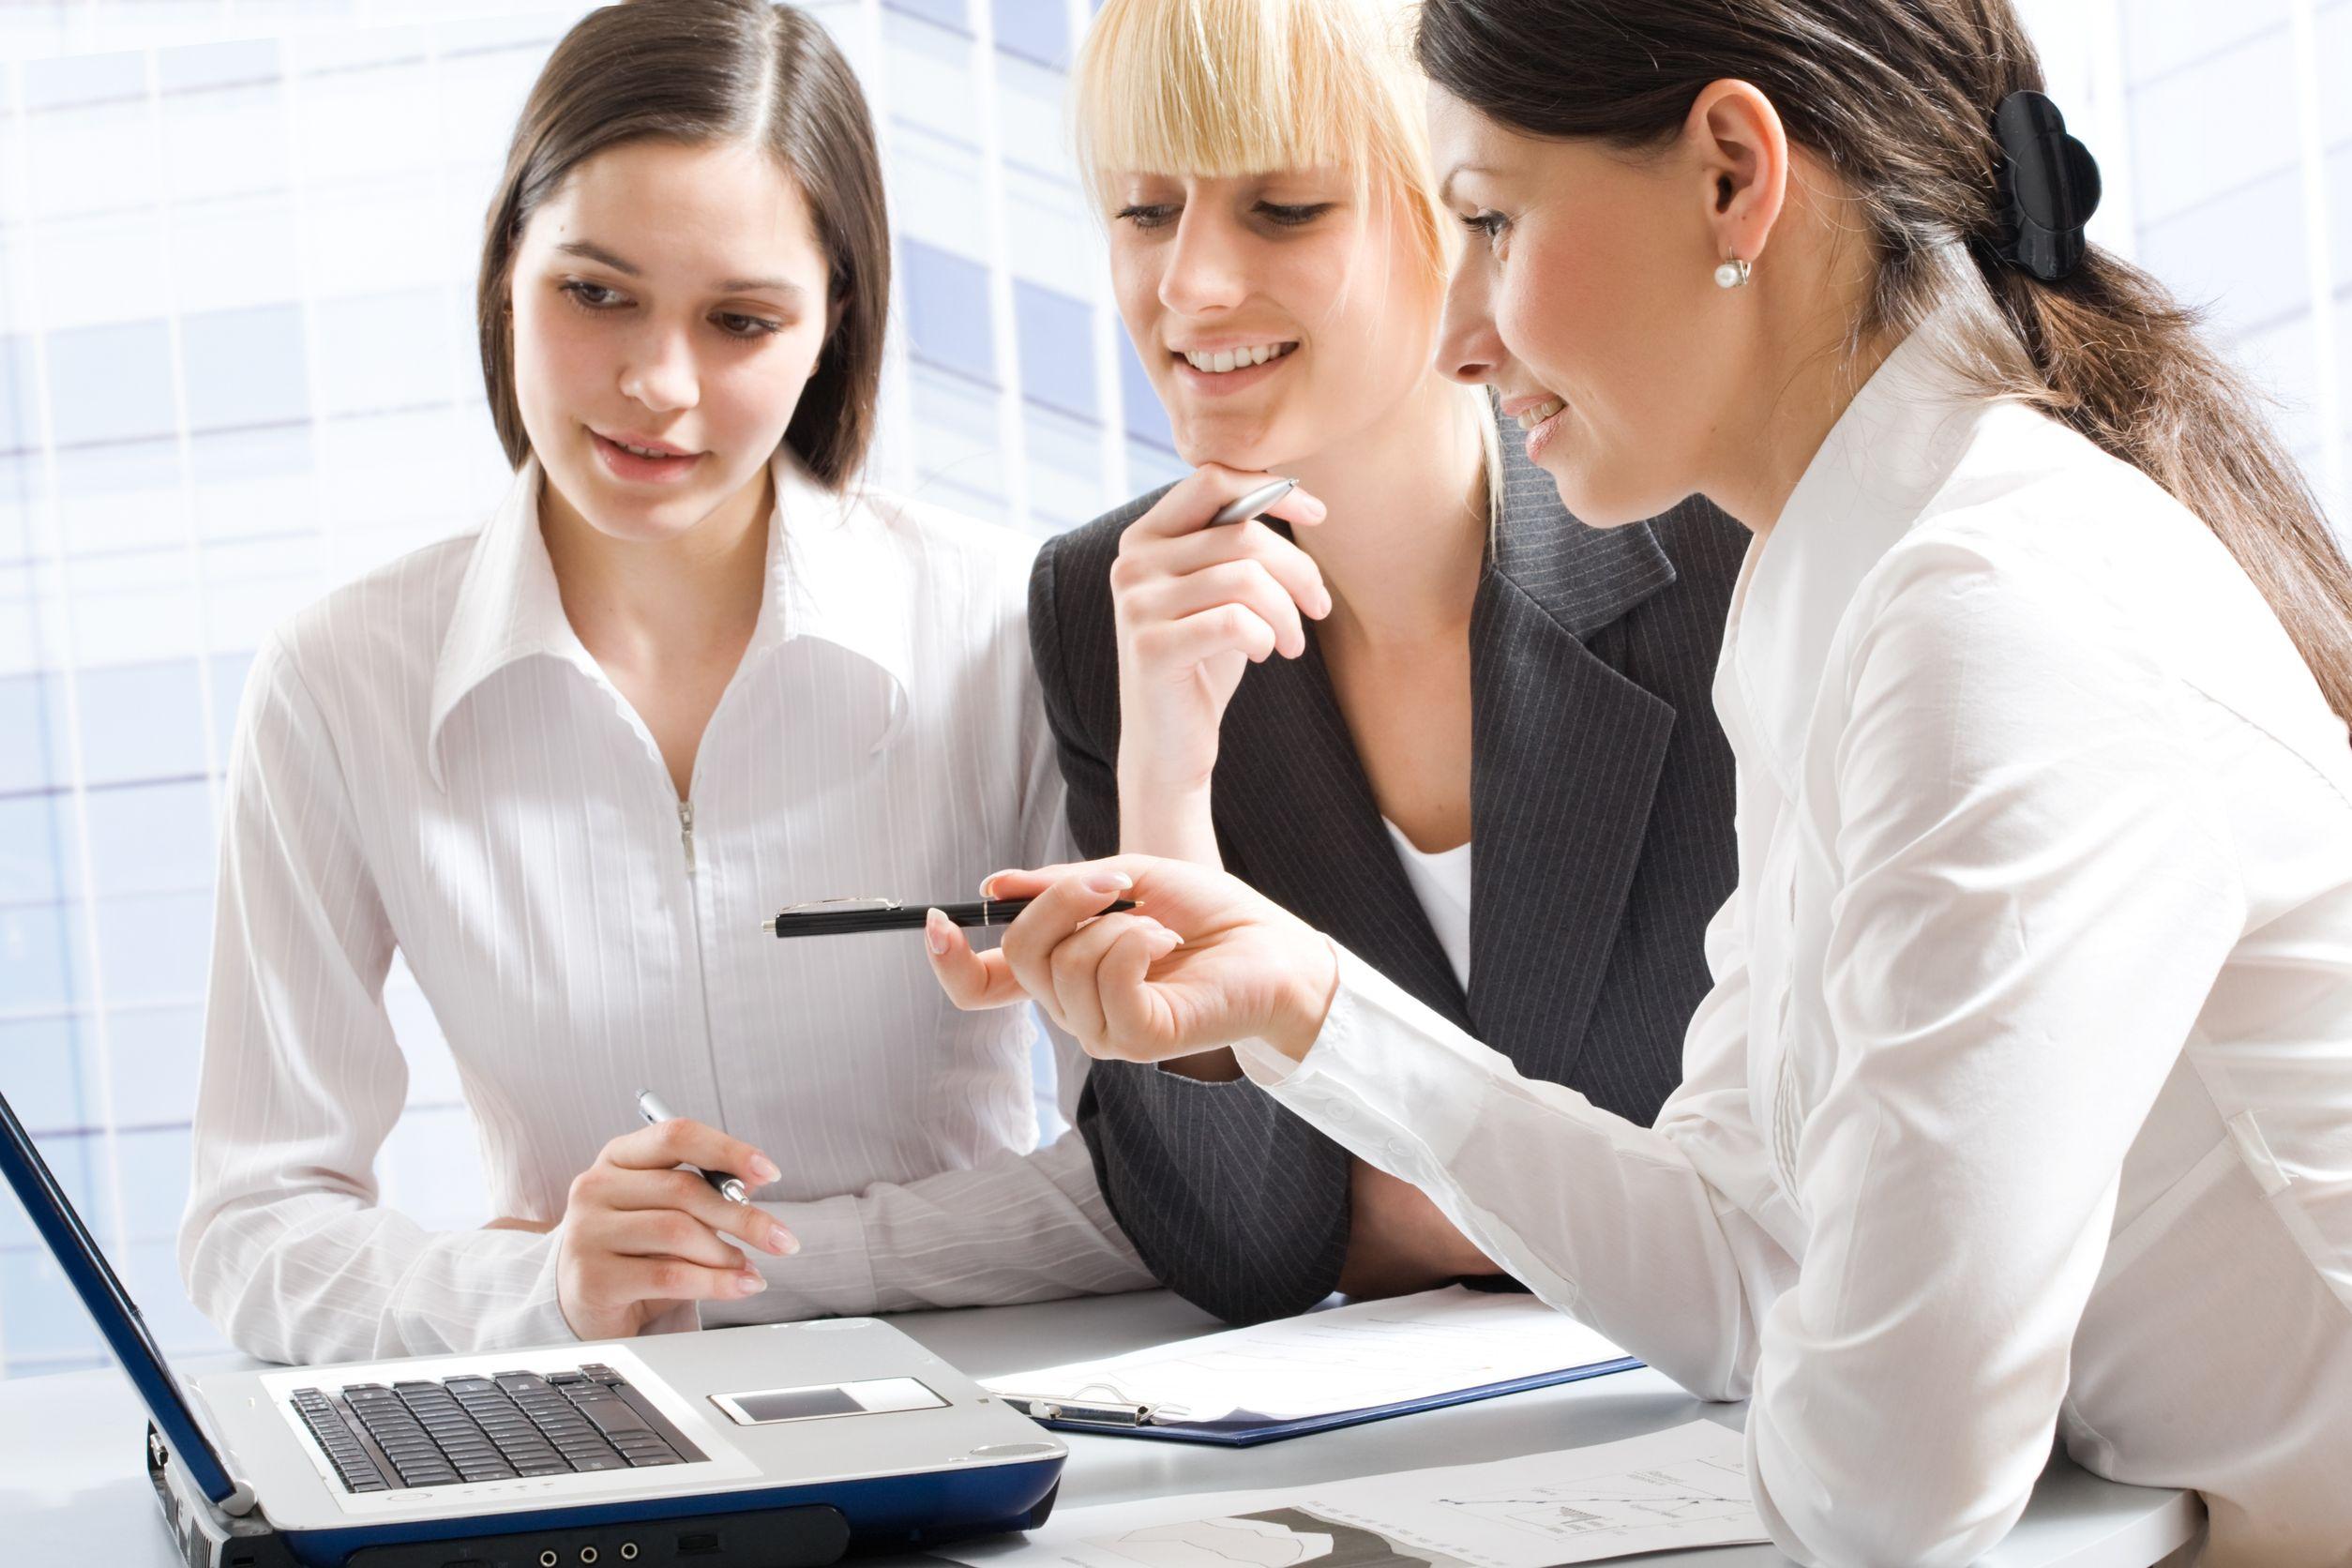 Народный банк выделил ещё 1 млрд тенге на финансирование женского предпринимательства в РК